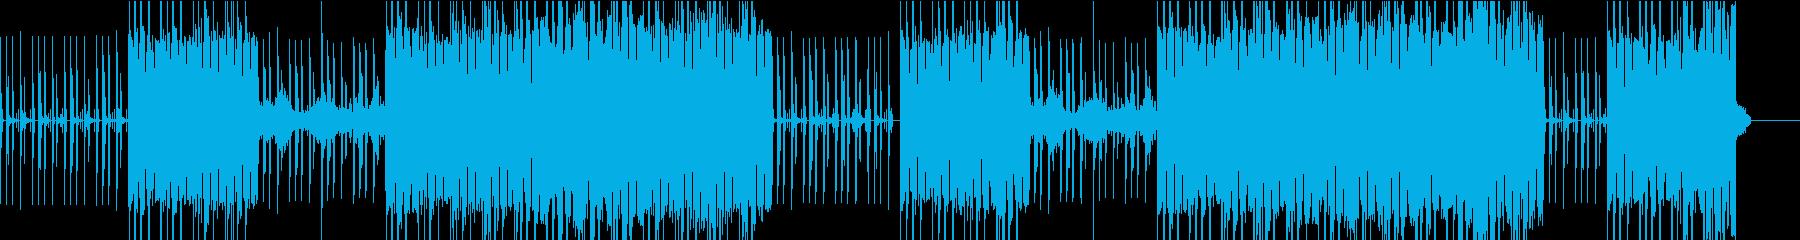 力強いベースが印象的なヒップホップの再生済みの波形